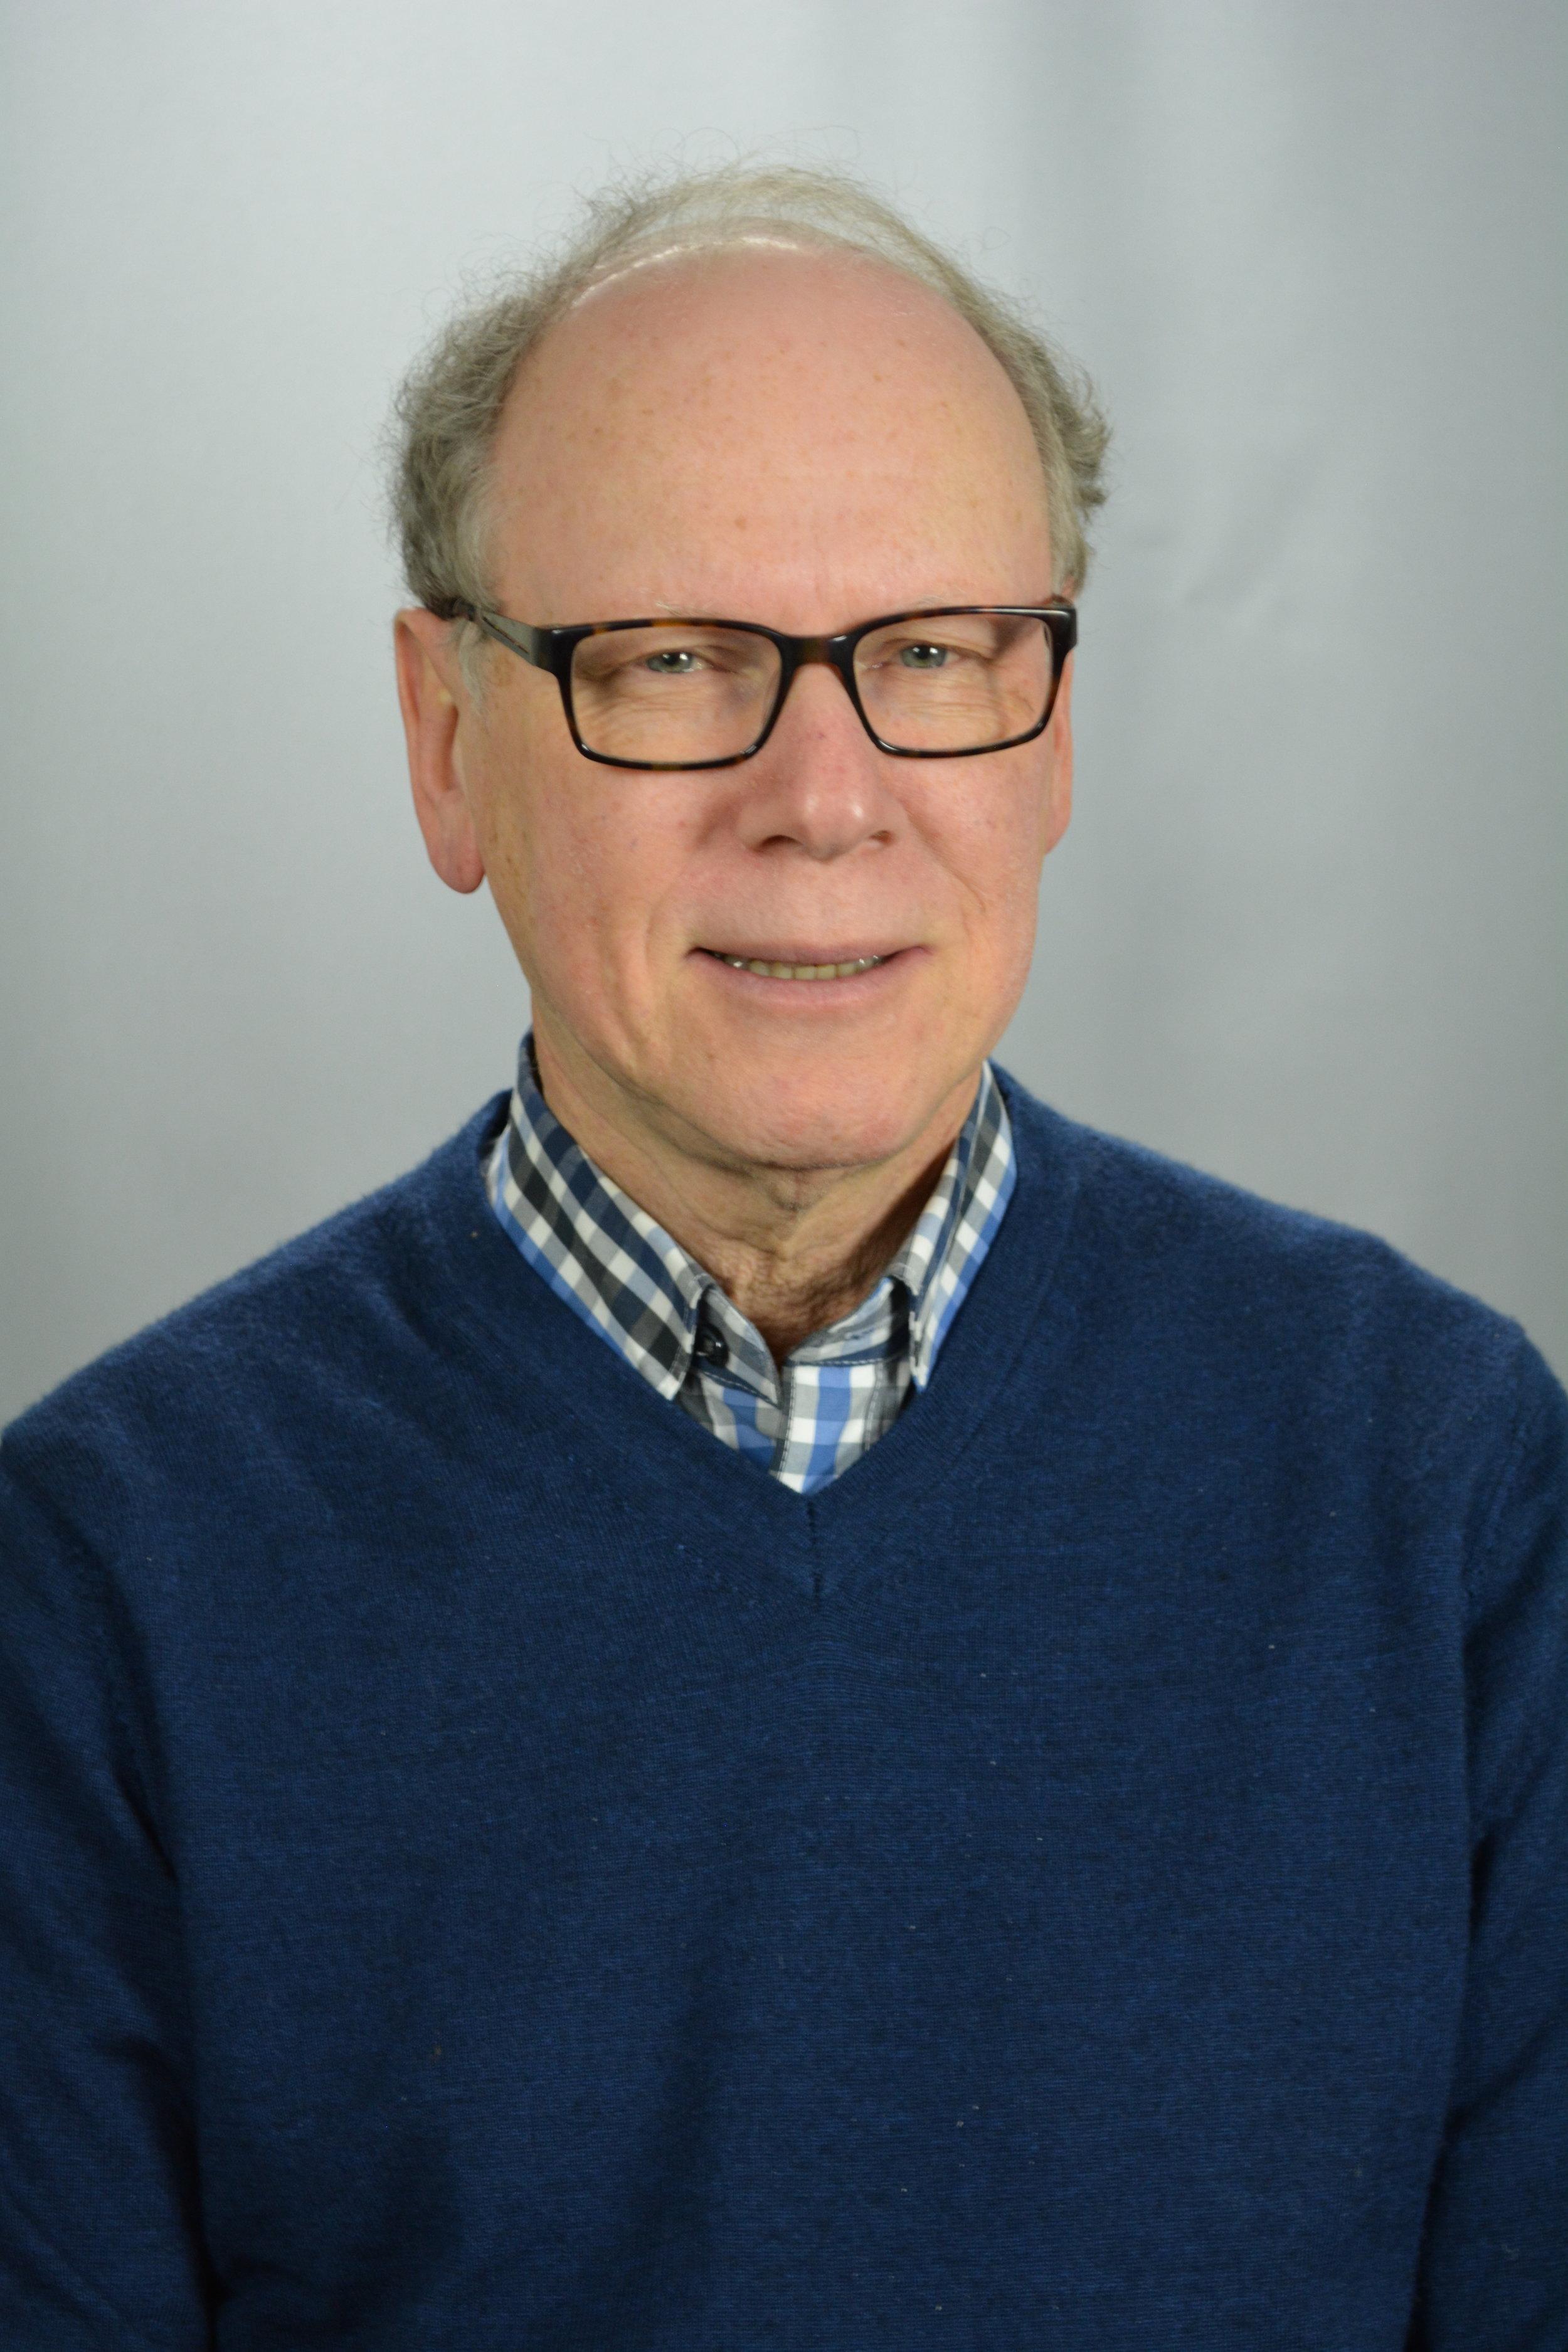 Dr. John Telner (Retired)